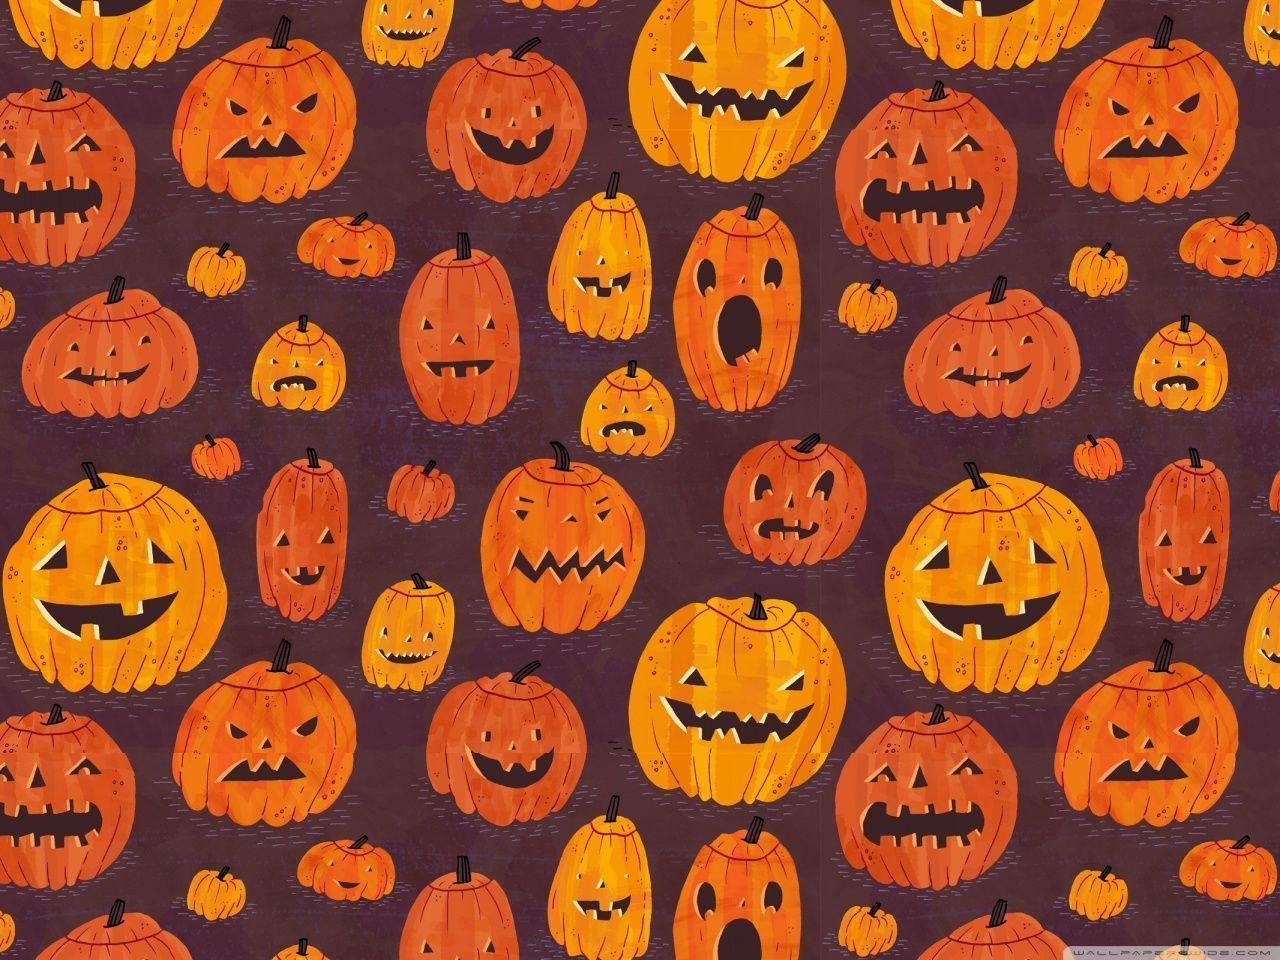 Cute Pumpkin Wallpapers Top Free Cute Pumpkin Backgrounds